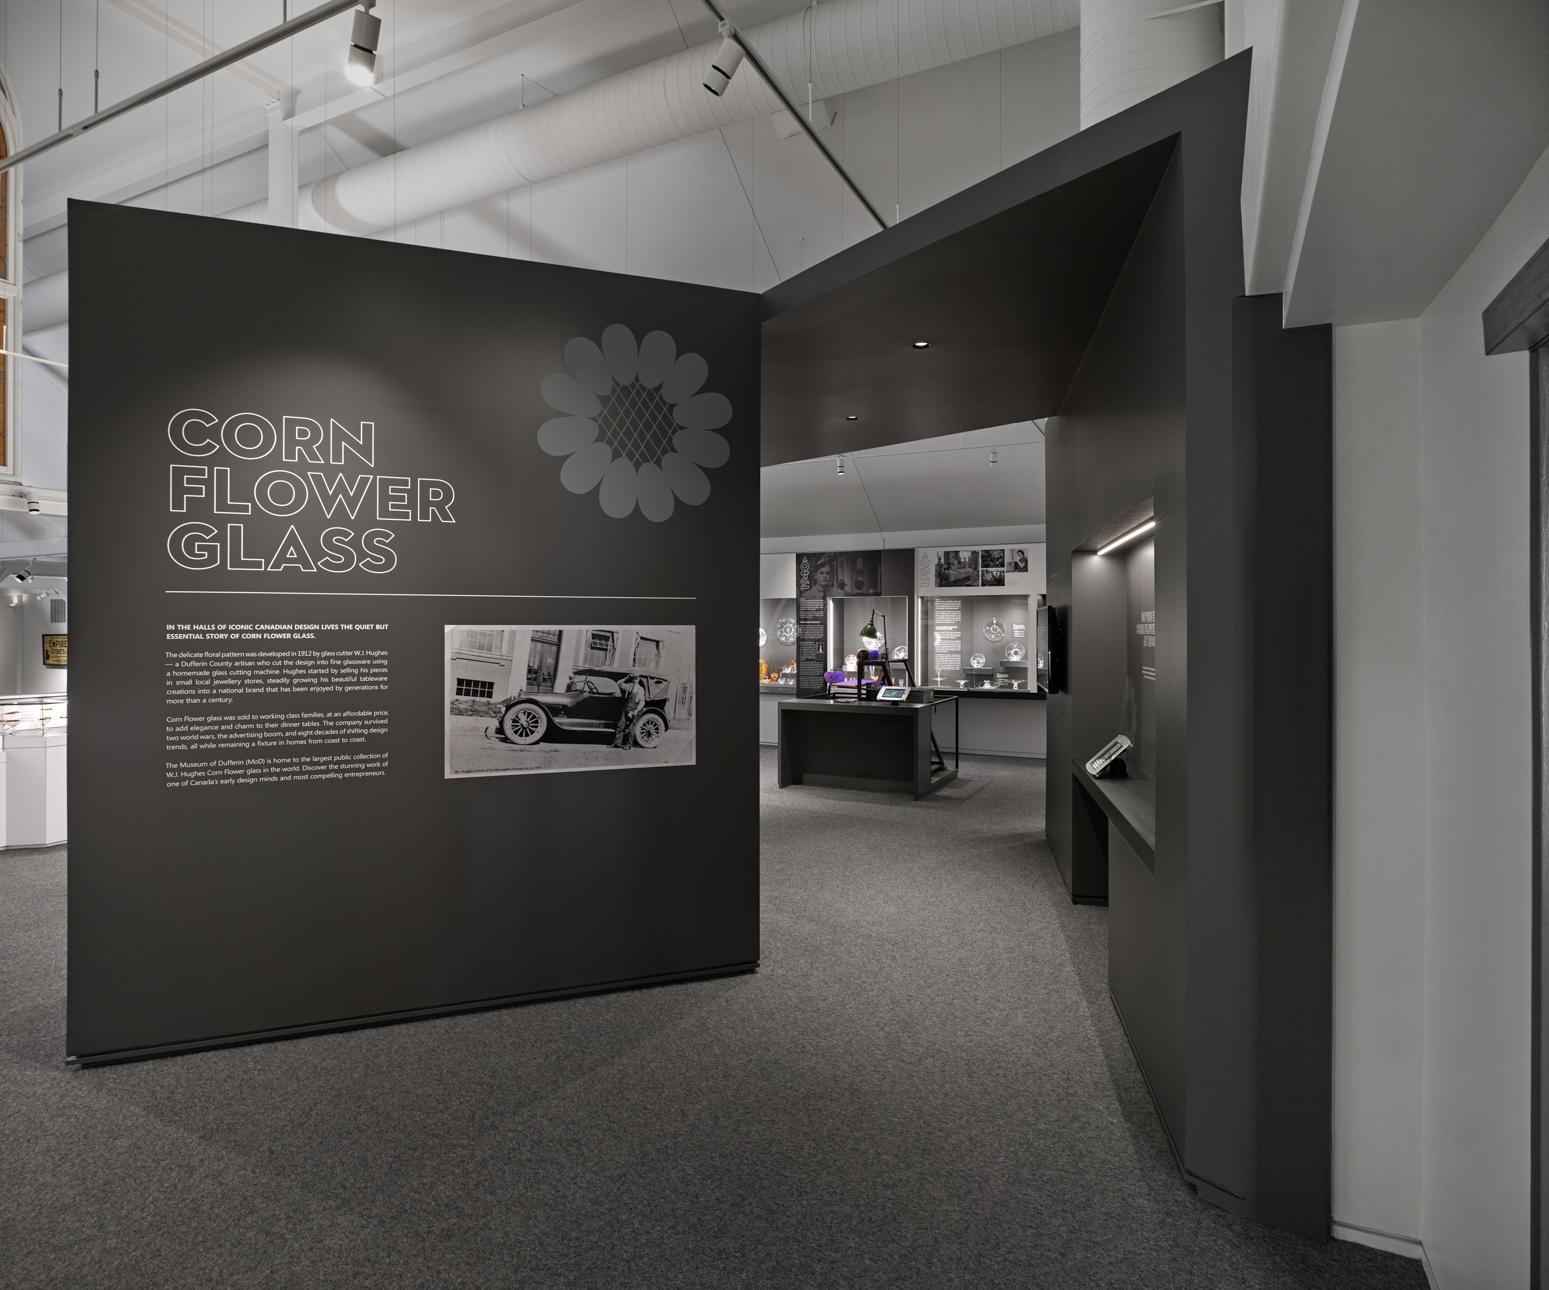 MoD Cornflower Glass Exhibit